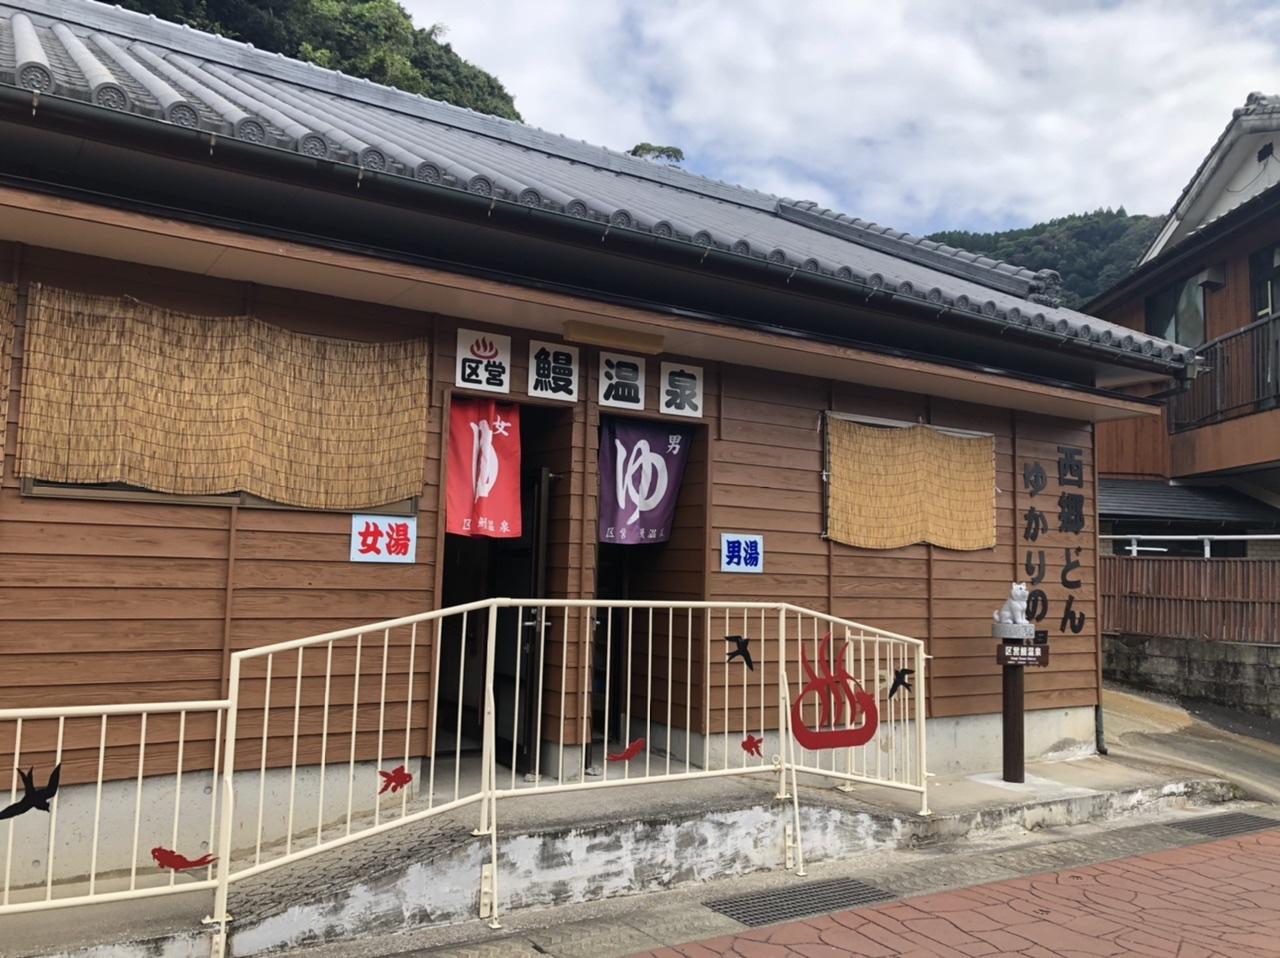 鰻池温泉 -指宿市山川成川- イメージ画像